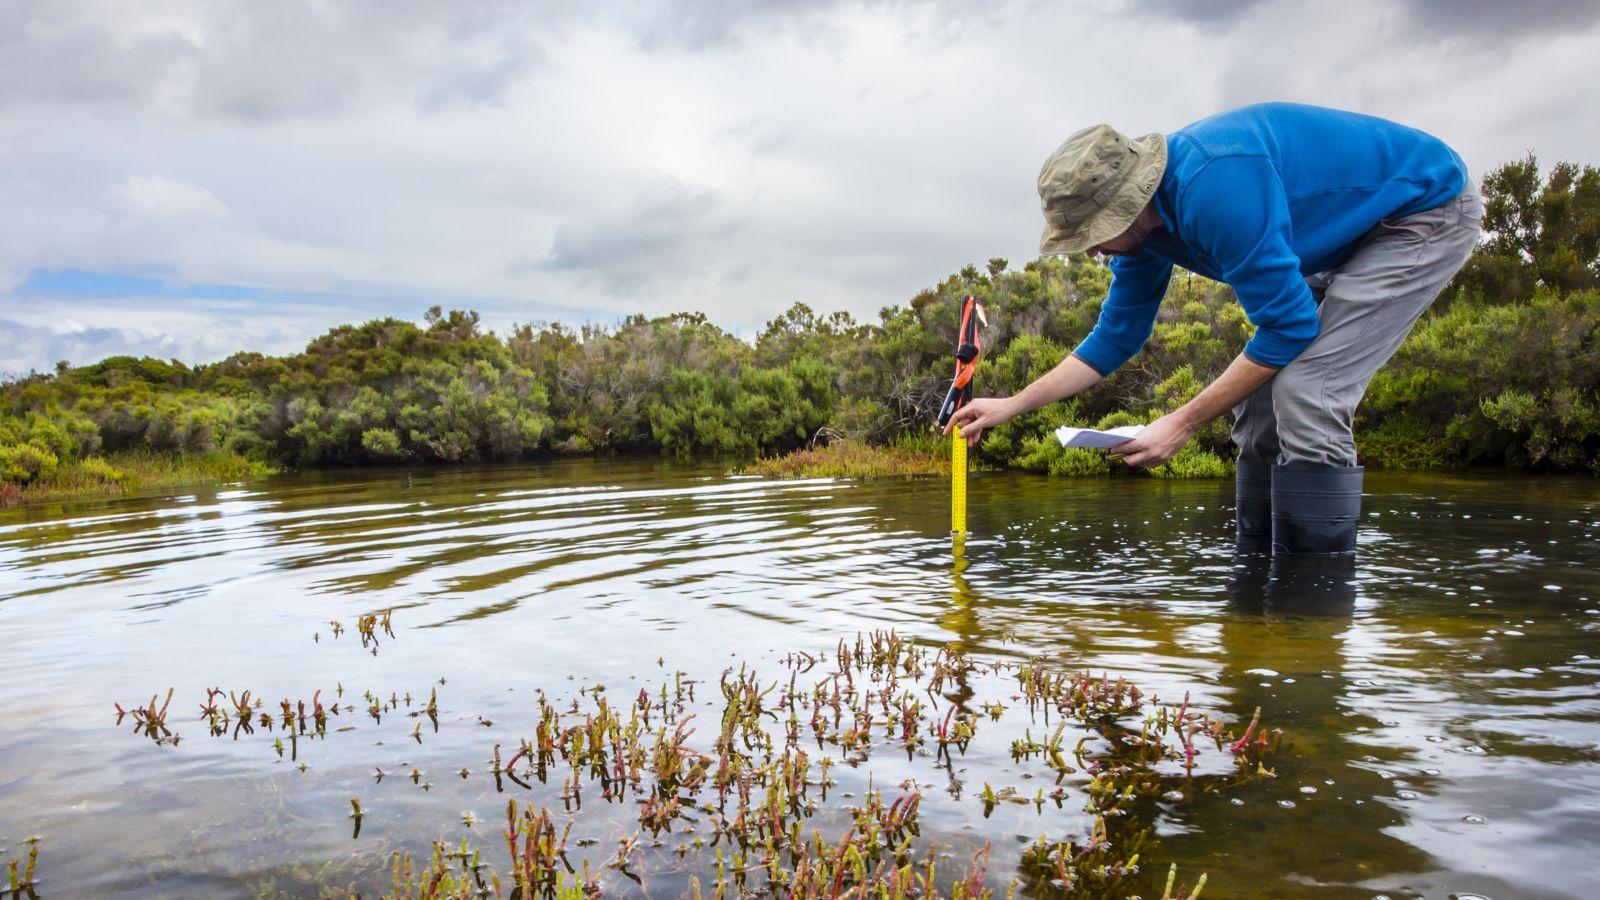 Ein Mann steht mit Gummistiefeln knöcheltief im flachen Wasser und hält ein Messgerät ins Wasser. Er trägt einen Fischerhut.